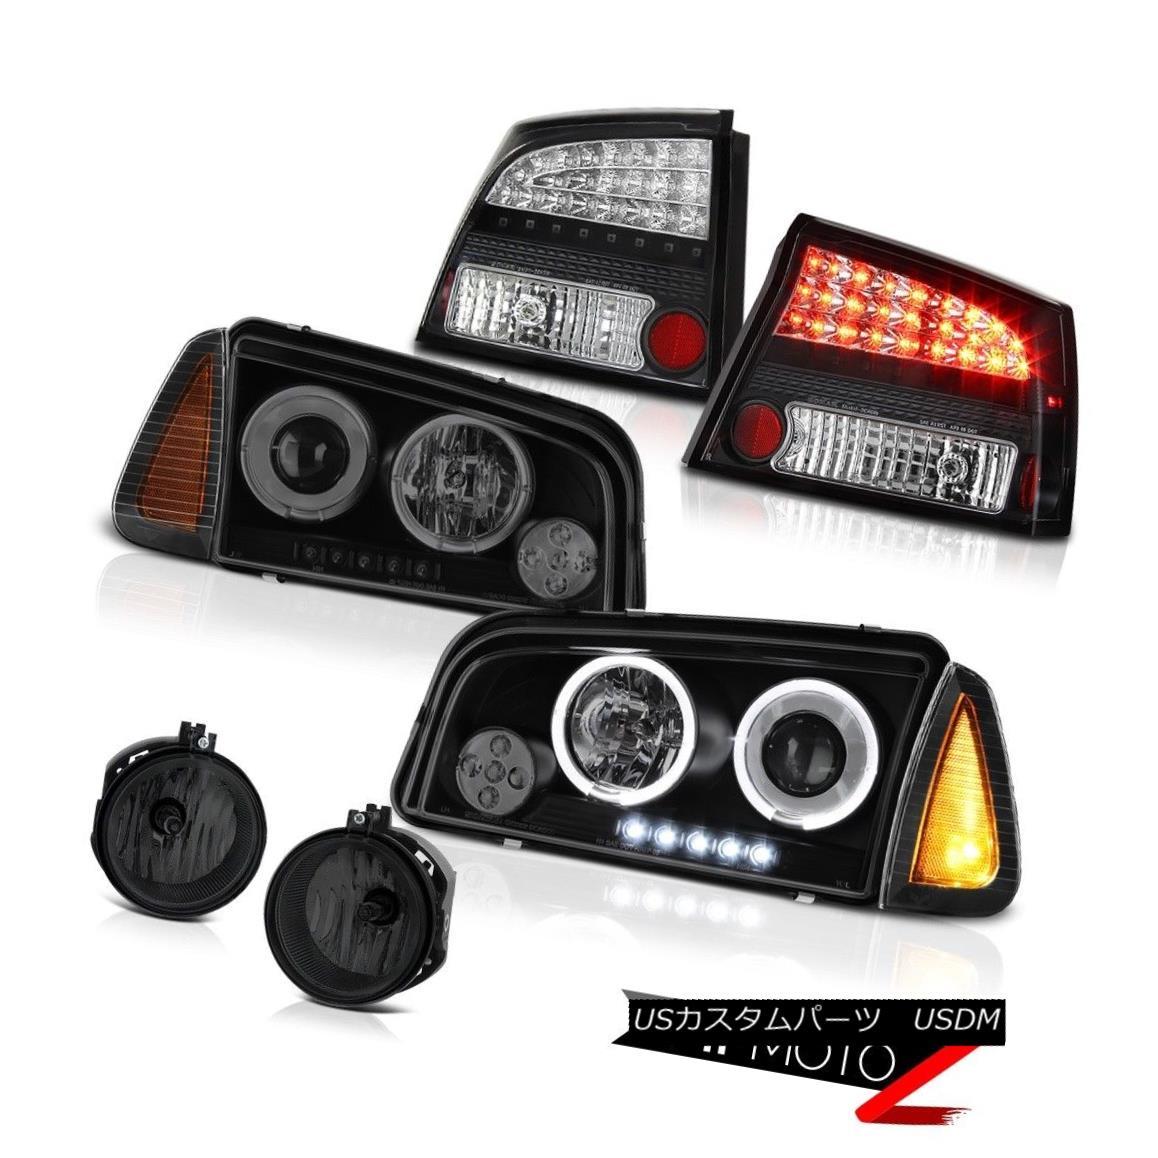 テールライト 06-08 Dodge Charger RT Smoked foglamps tail brake lamps signal light headlights 06-08 Dodge Charger RTスモークフォグランプテールブレーキランプ信号ライトヘッドライト